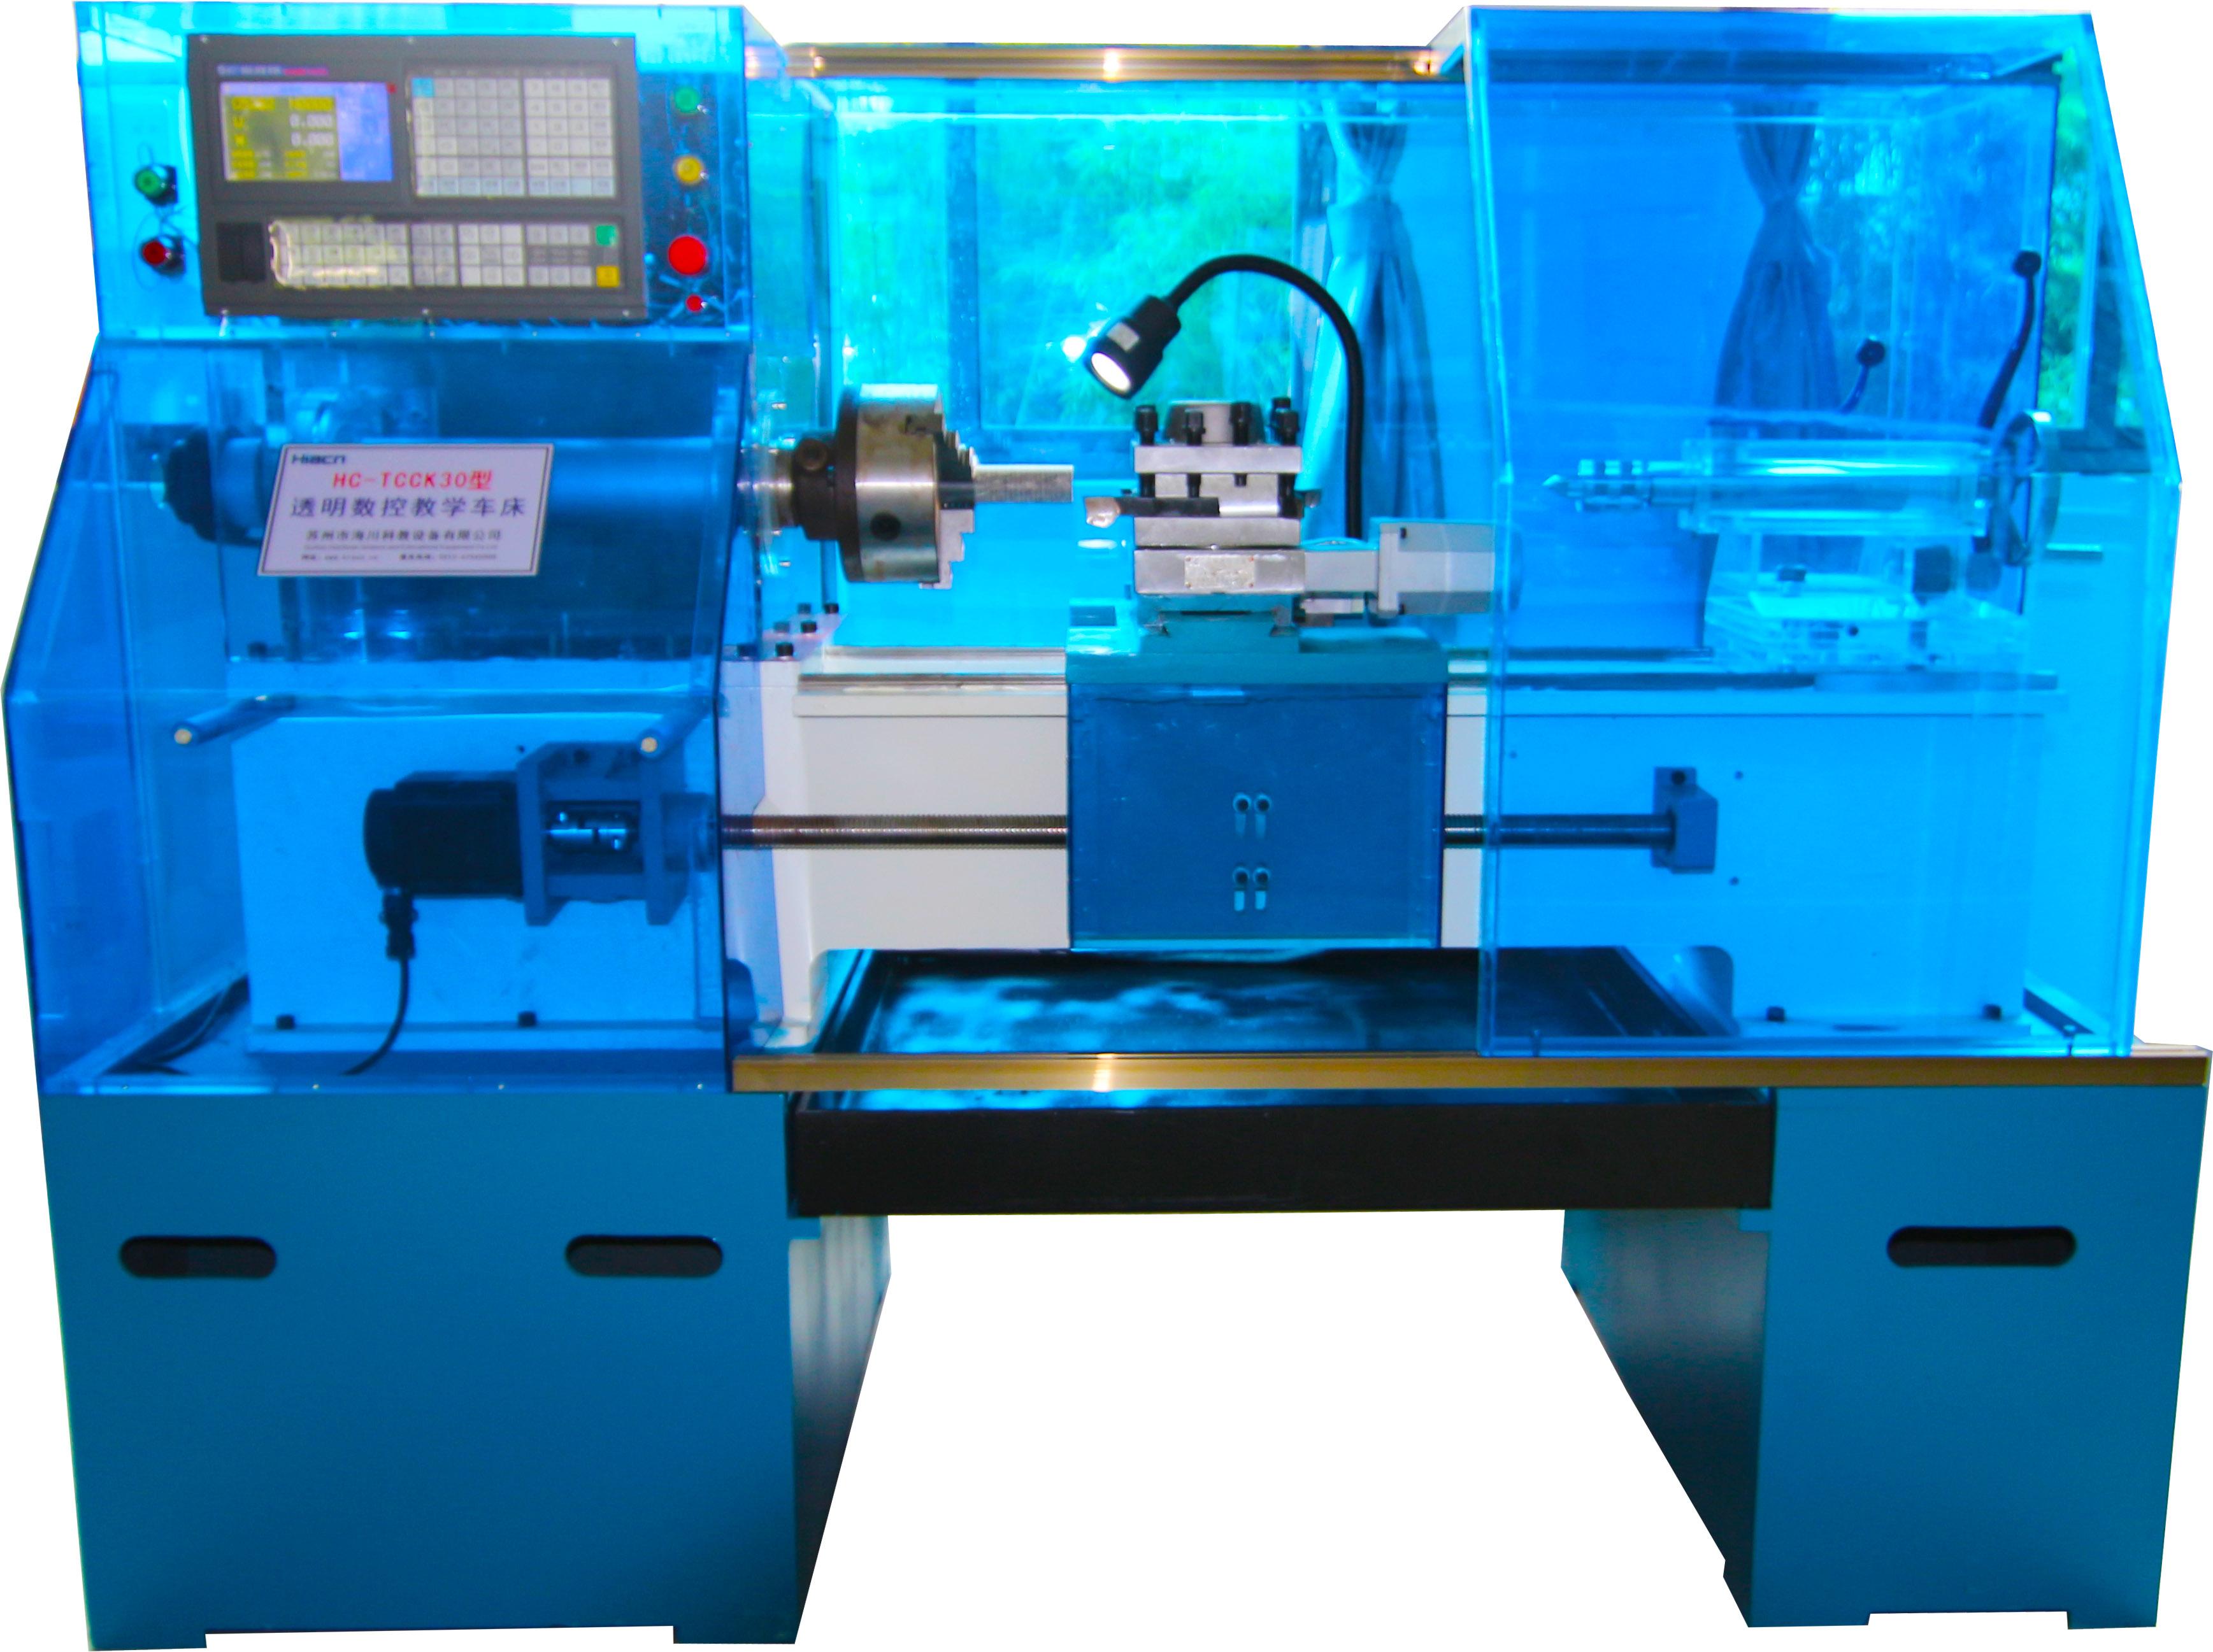 透明数控教学车床产品图片